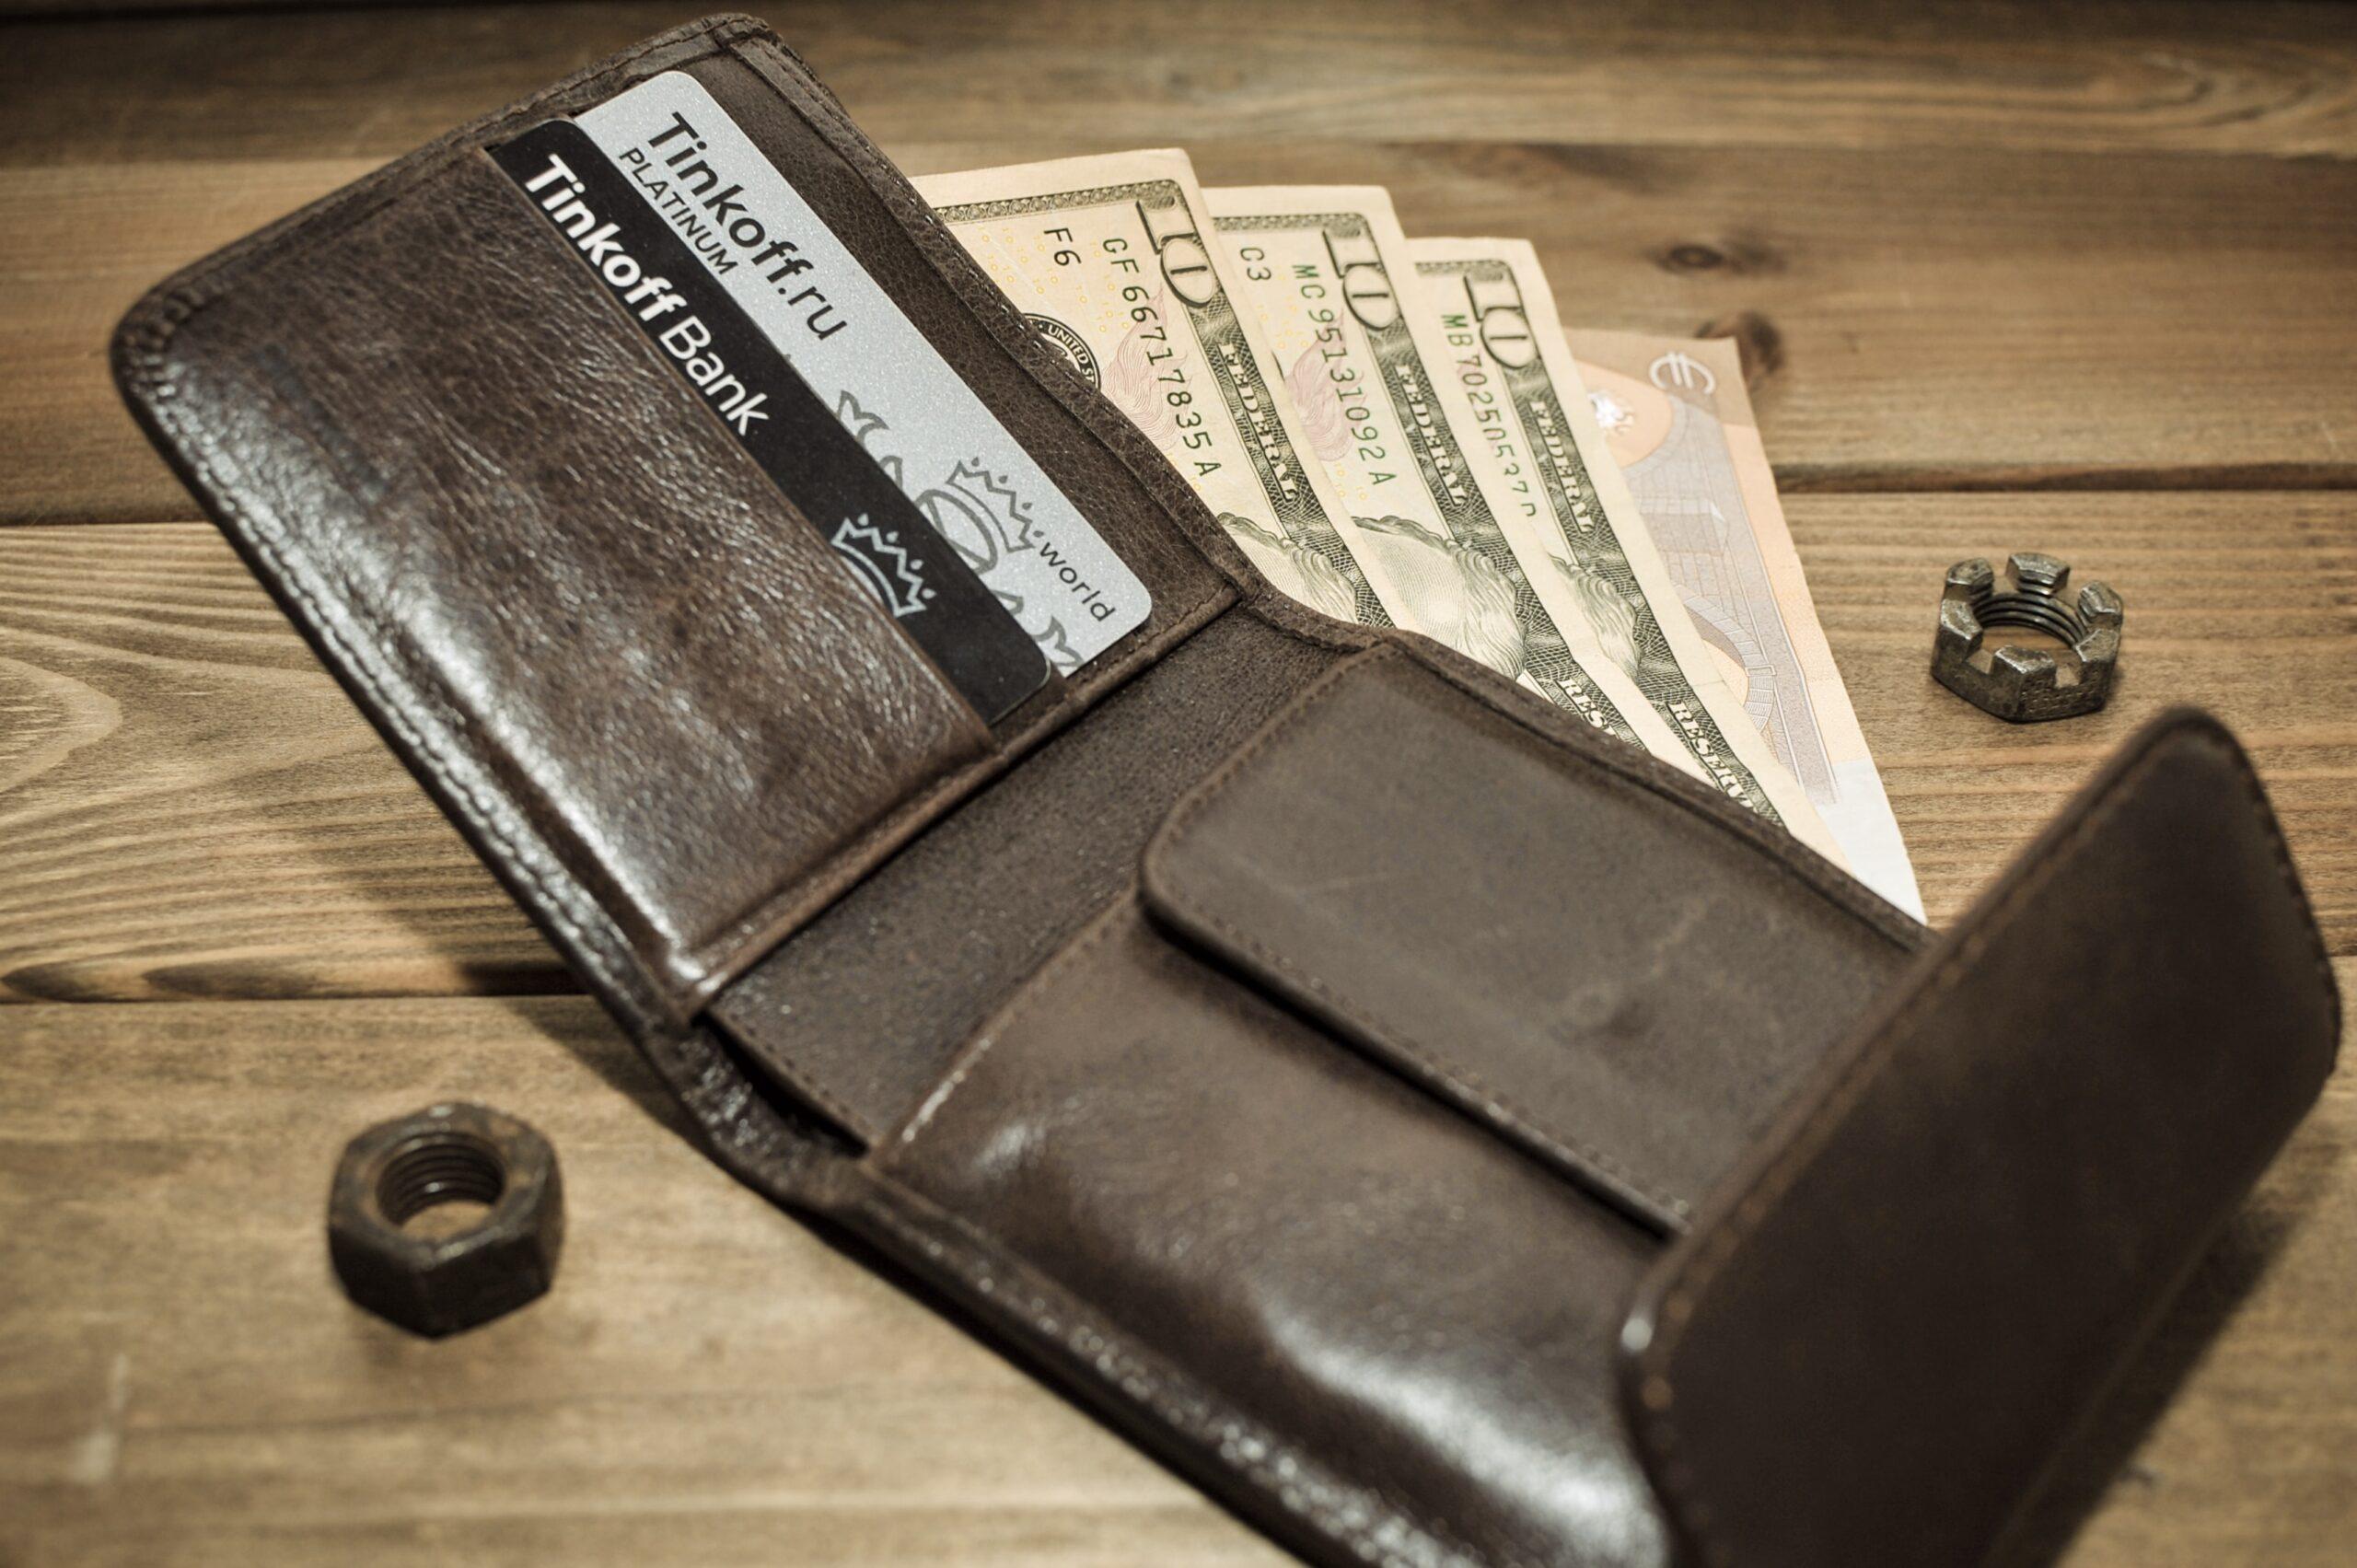 お手入れを行うことで、革の魅力を引き出す。経年変化を楽しめる、愛着の湧く革財布へ。